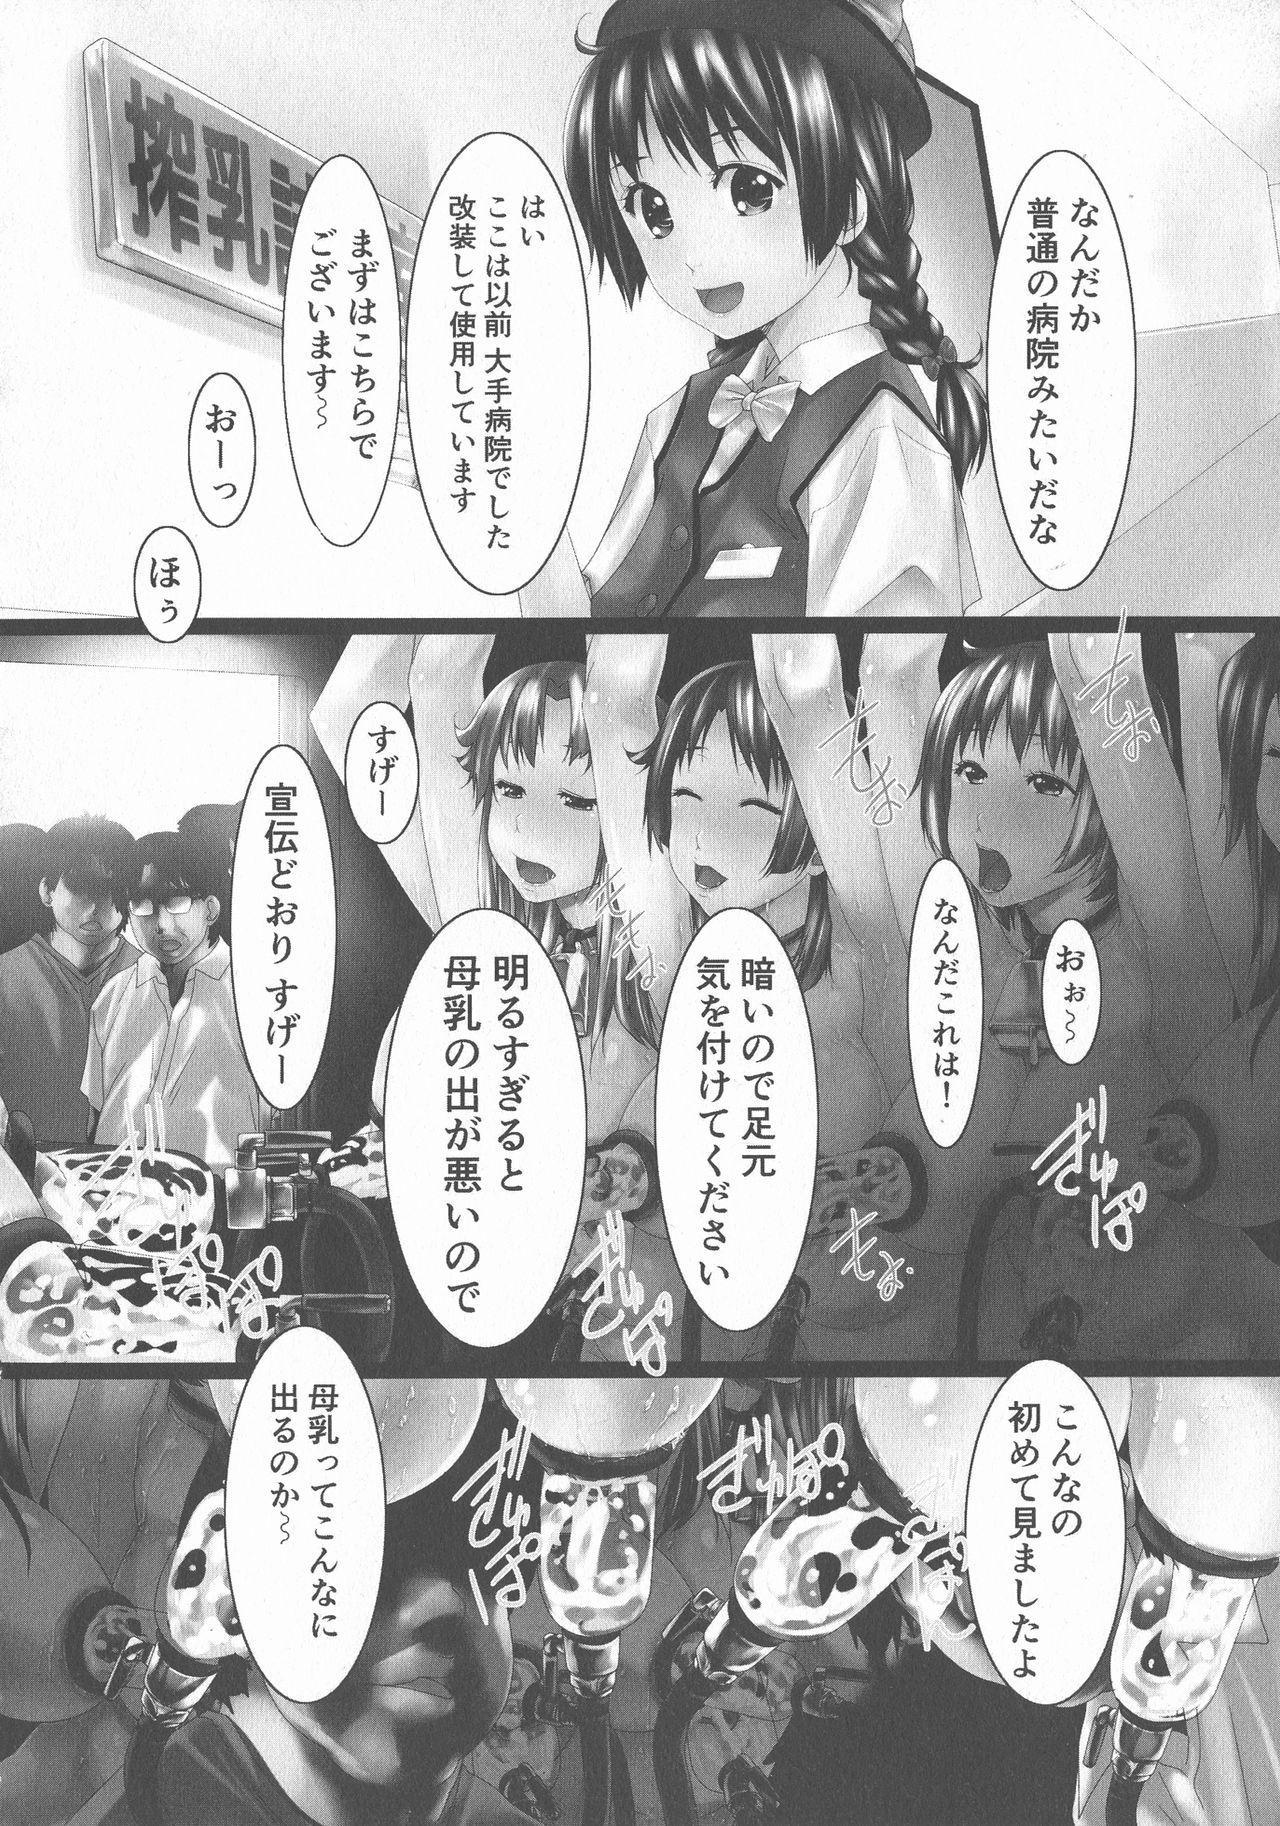 Jochiku no Utage 57